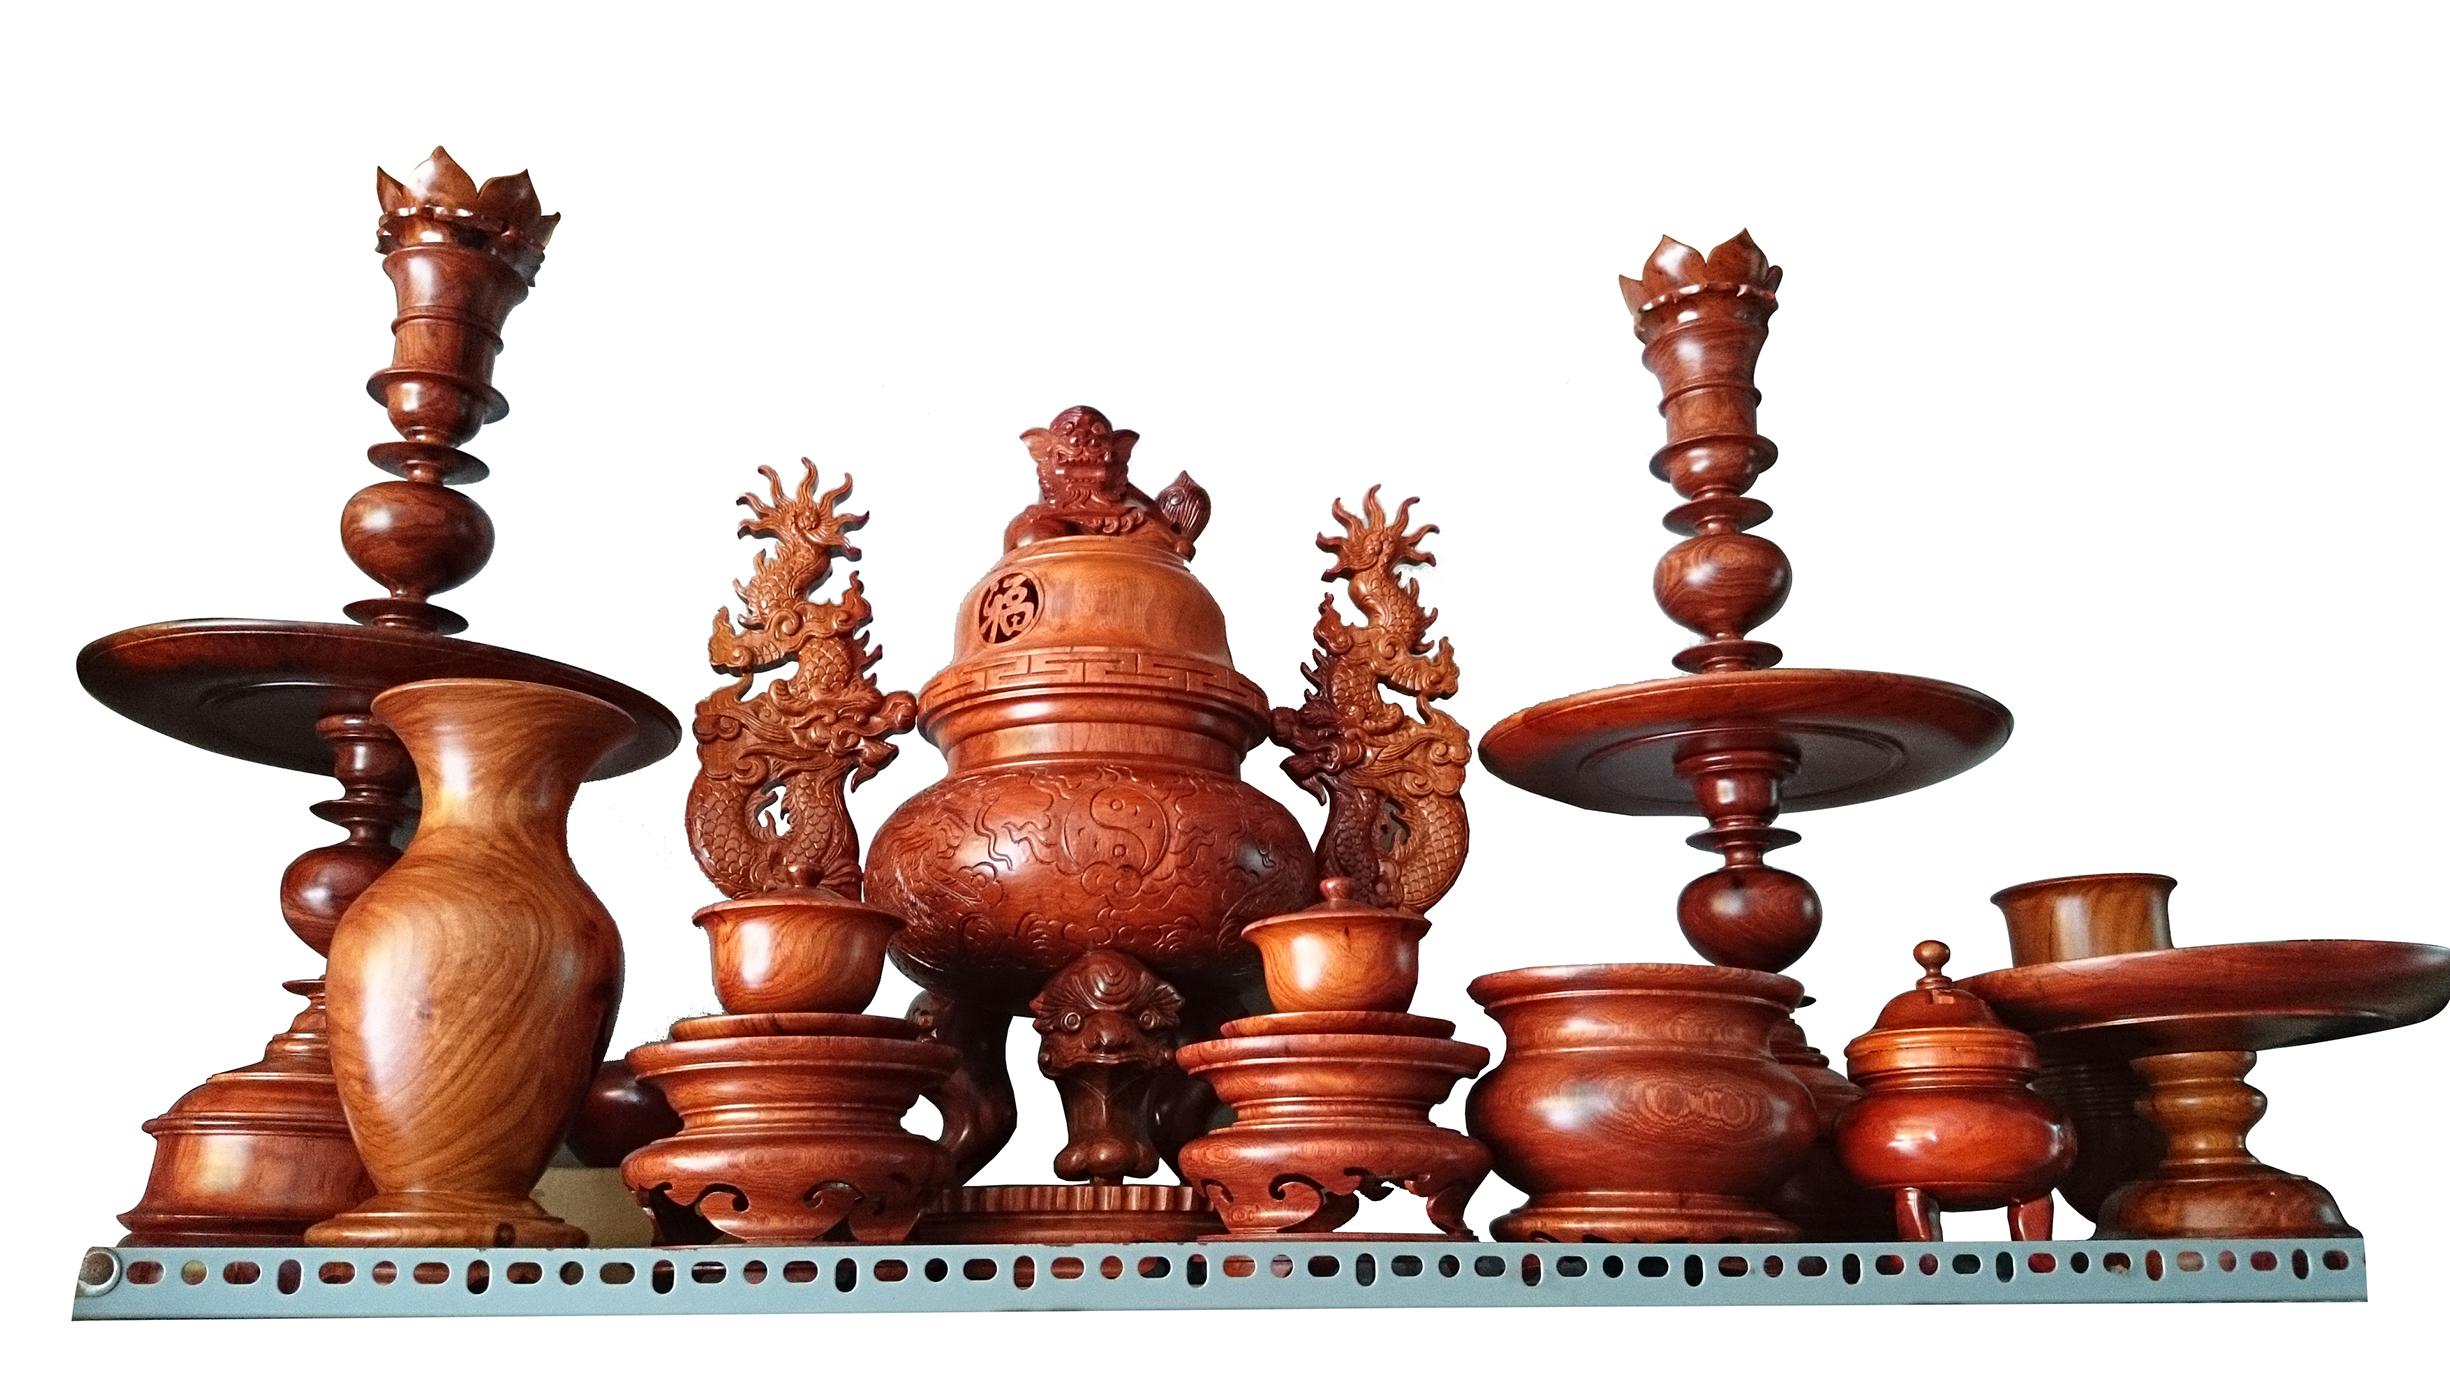 Đồ thờ cúng bằng gỗ cao cấp mua ở đâu ? giá bán bao nhiêu tiền tại tphcm ?